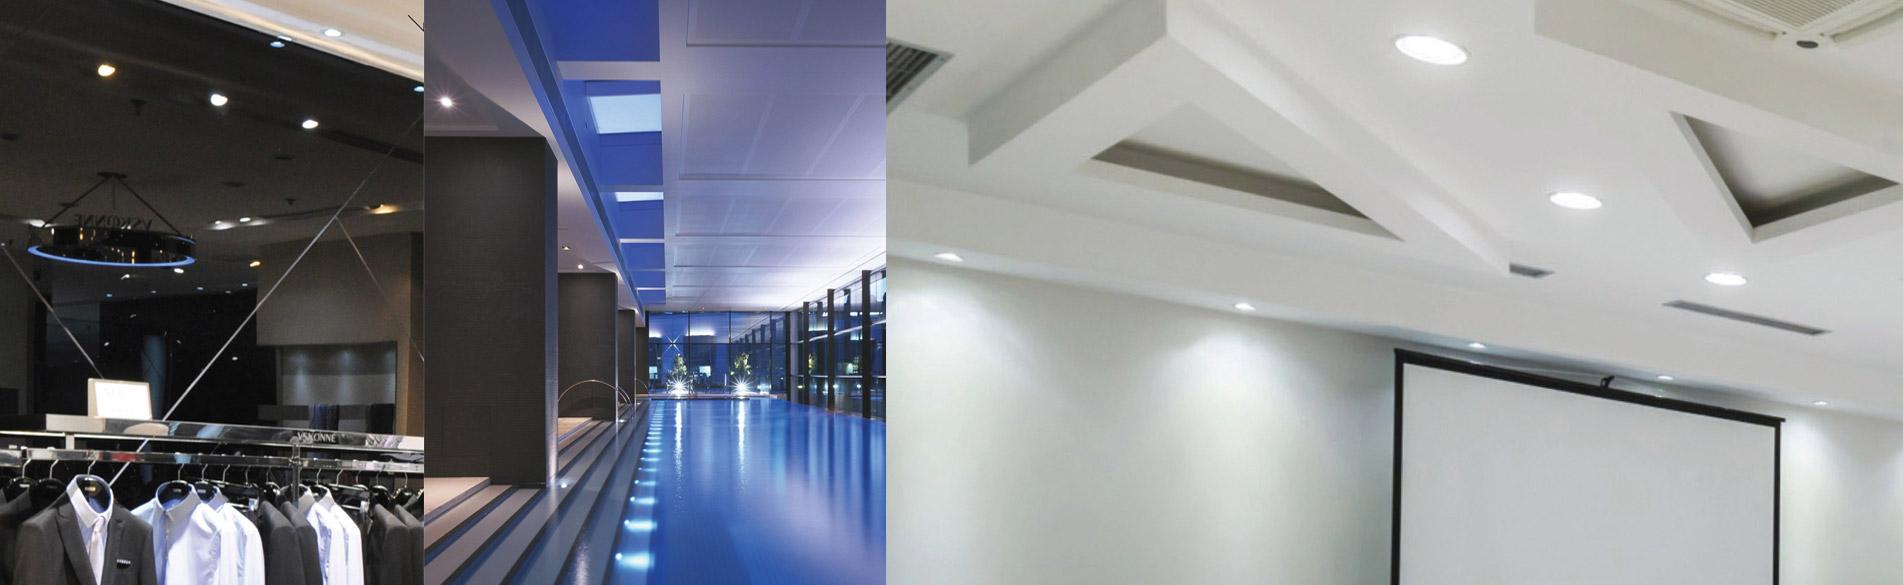 Iluminación de interiores en tecnologia LED